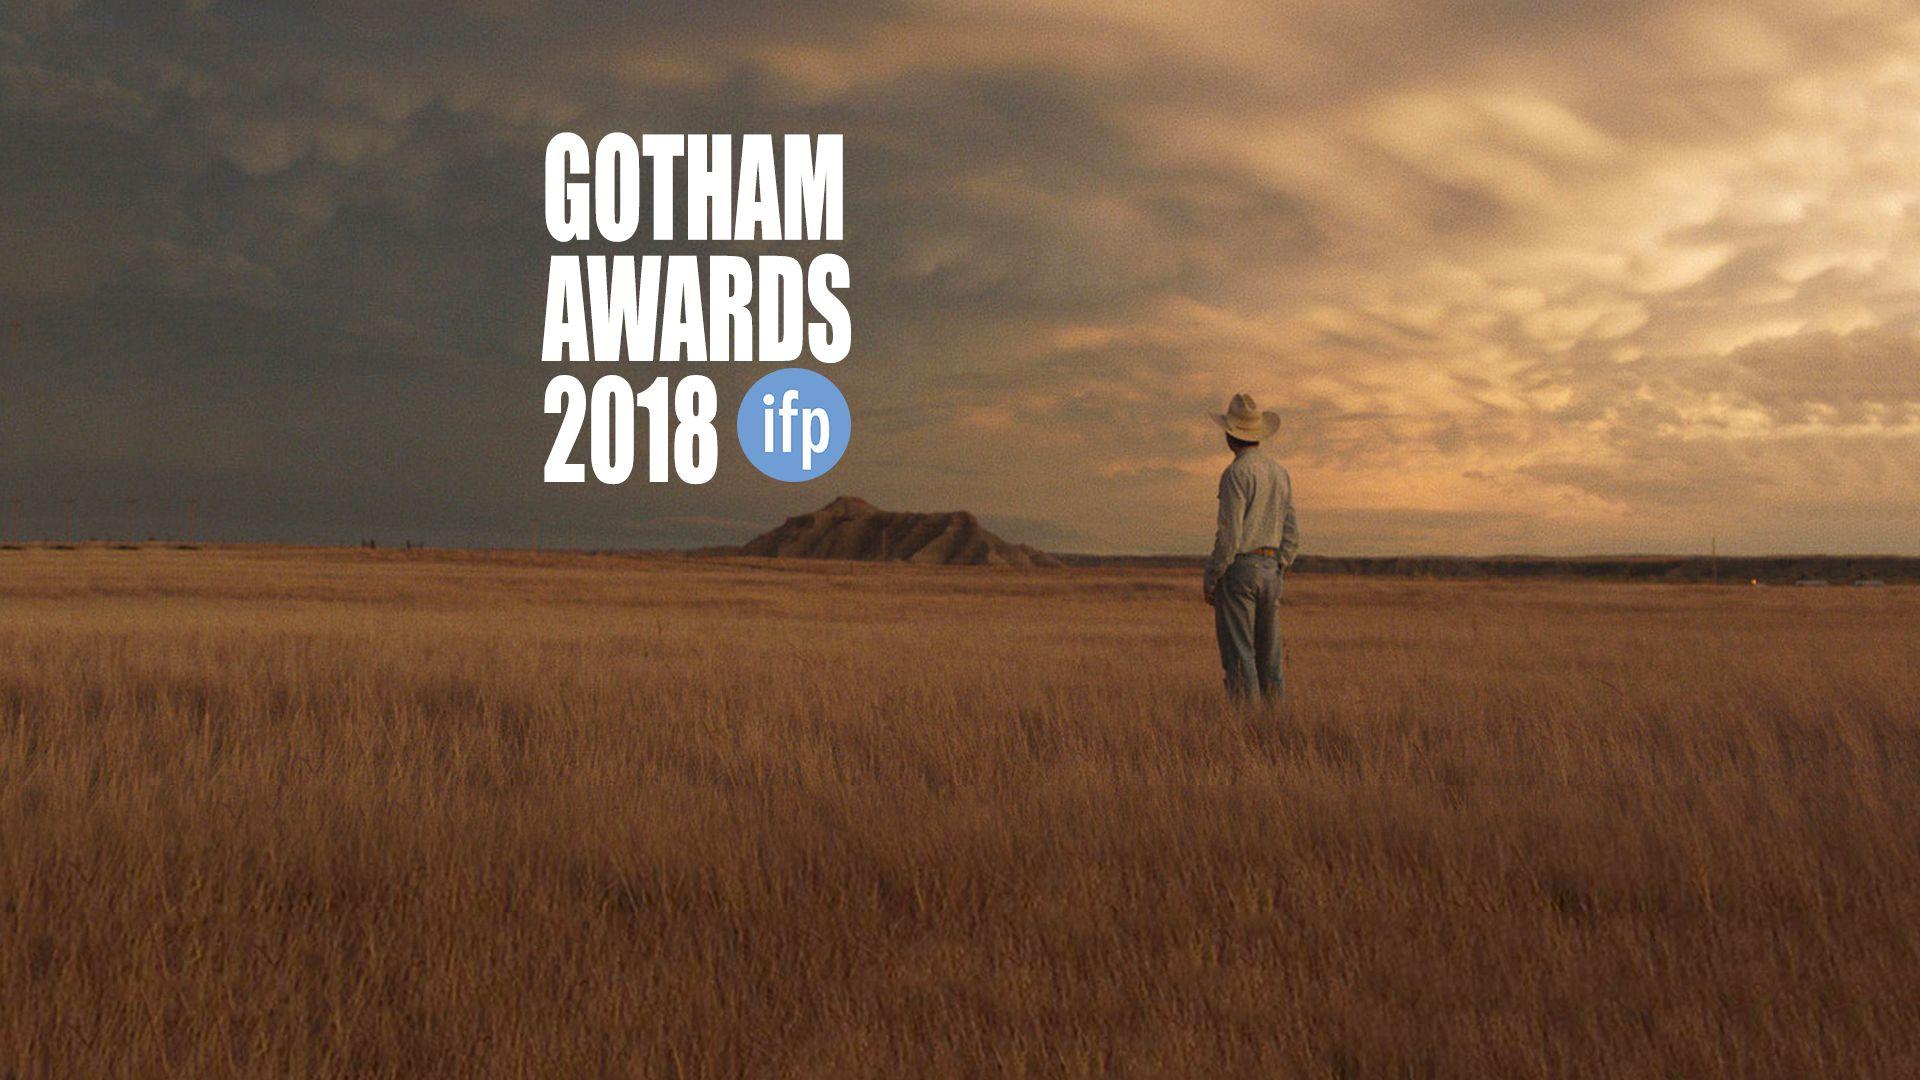 Gotham Awards 2018 : The Rider meilleur film de l'année, un petit avant-goût des Oscars 2019 ?